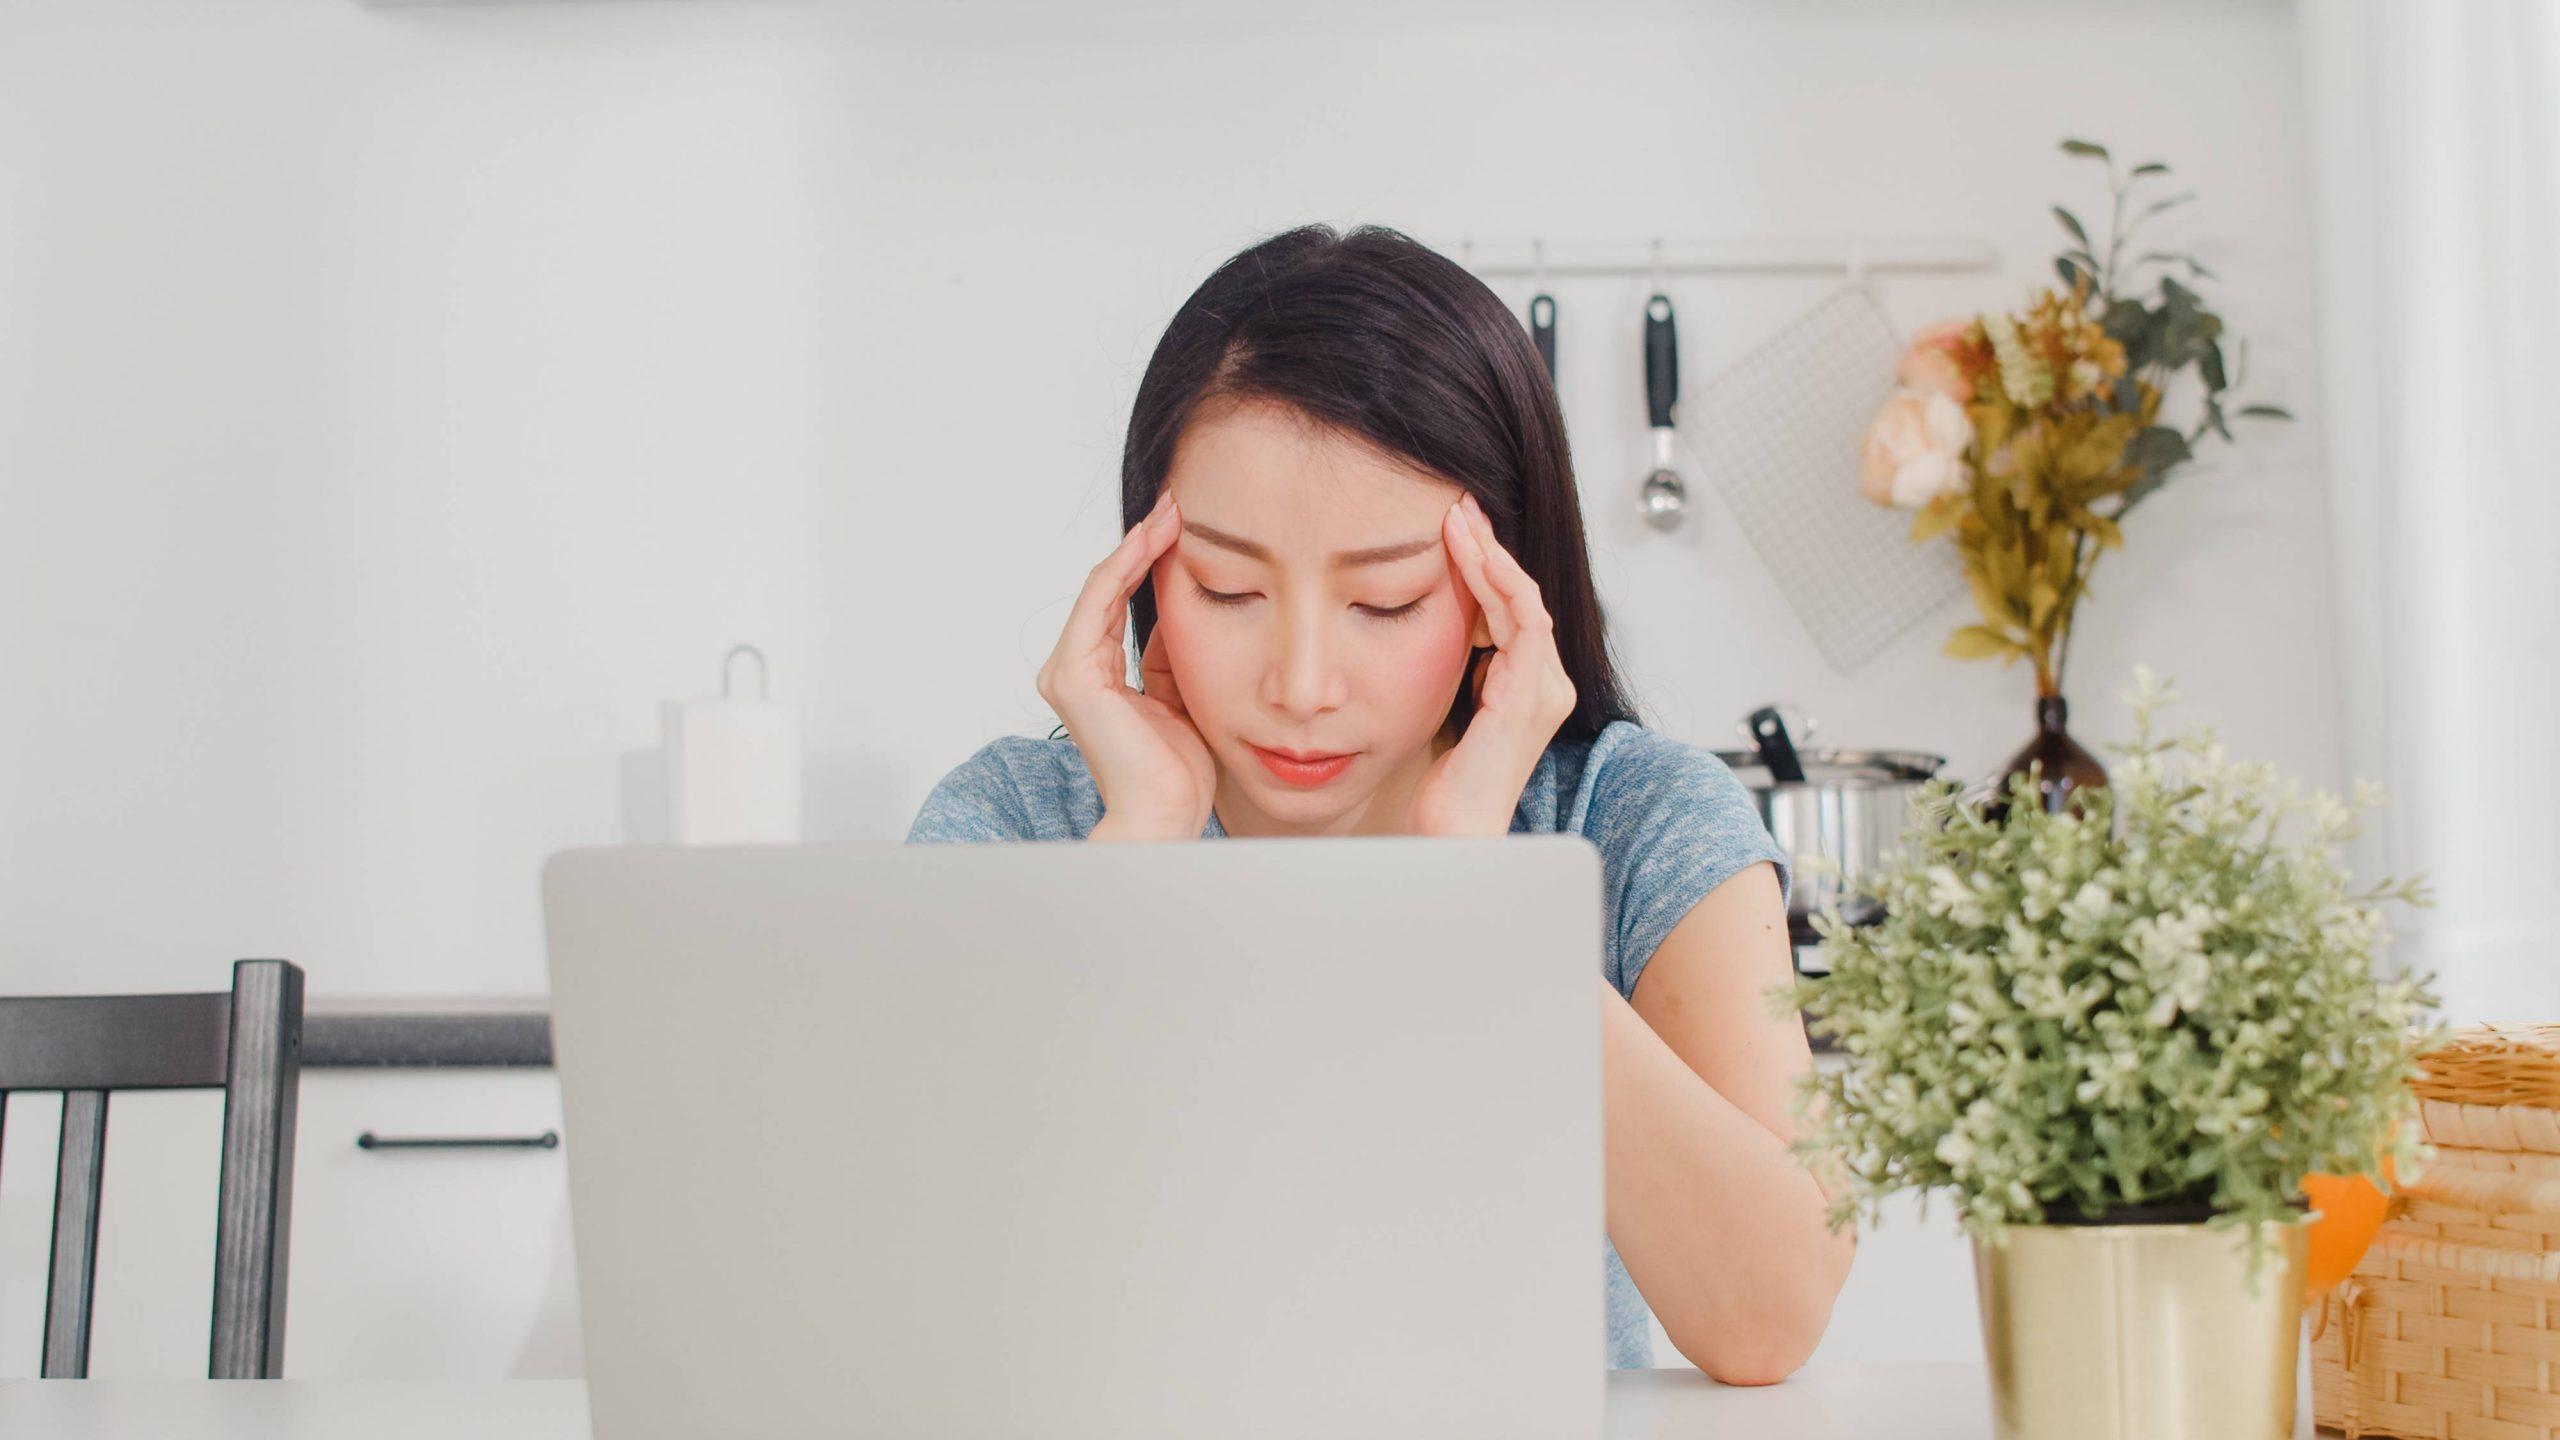 Sua internet caiu? Confira o que você pode fazer para solucionar o problema